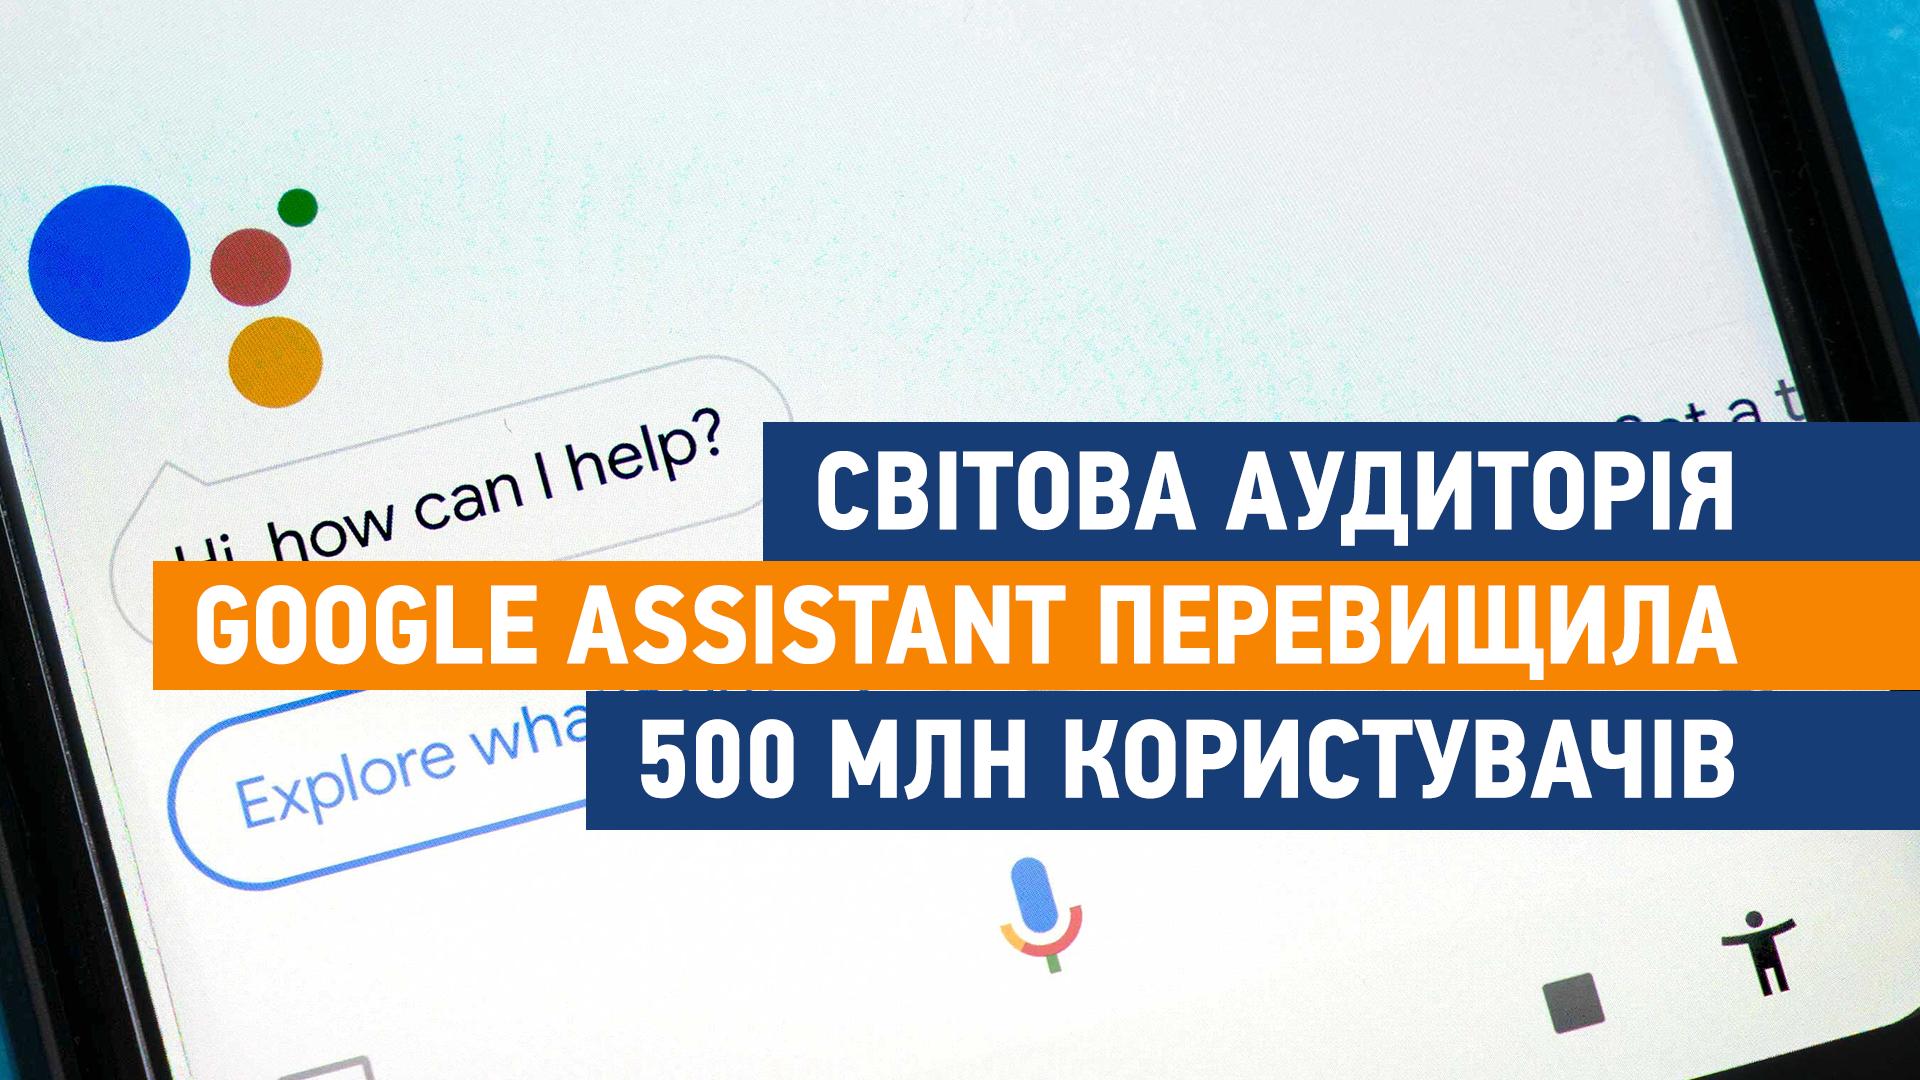 Світова аудиторія Google Assistant перевищила 500 млн користувачів - Google Assistant, google - GA poglyad